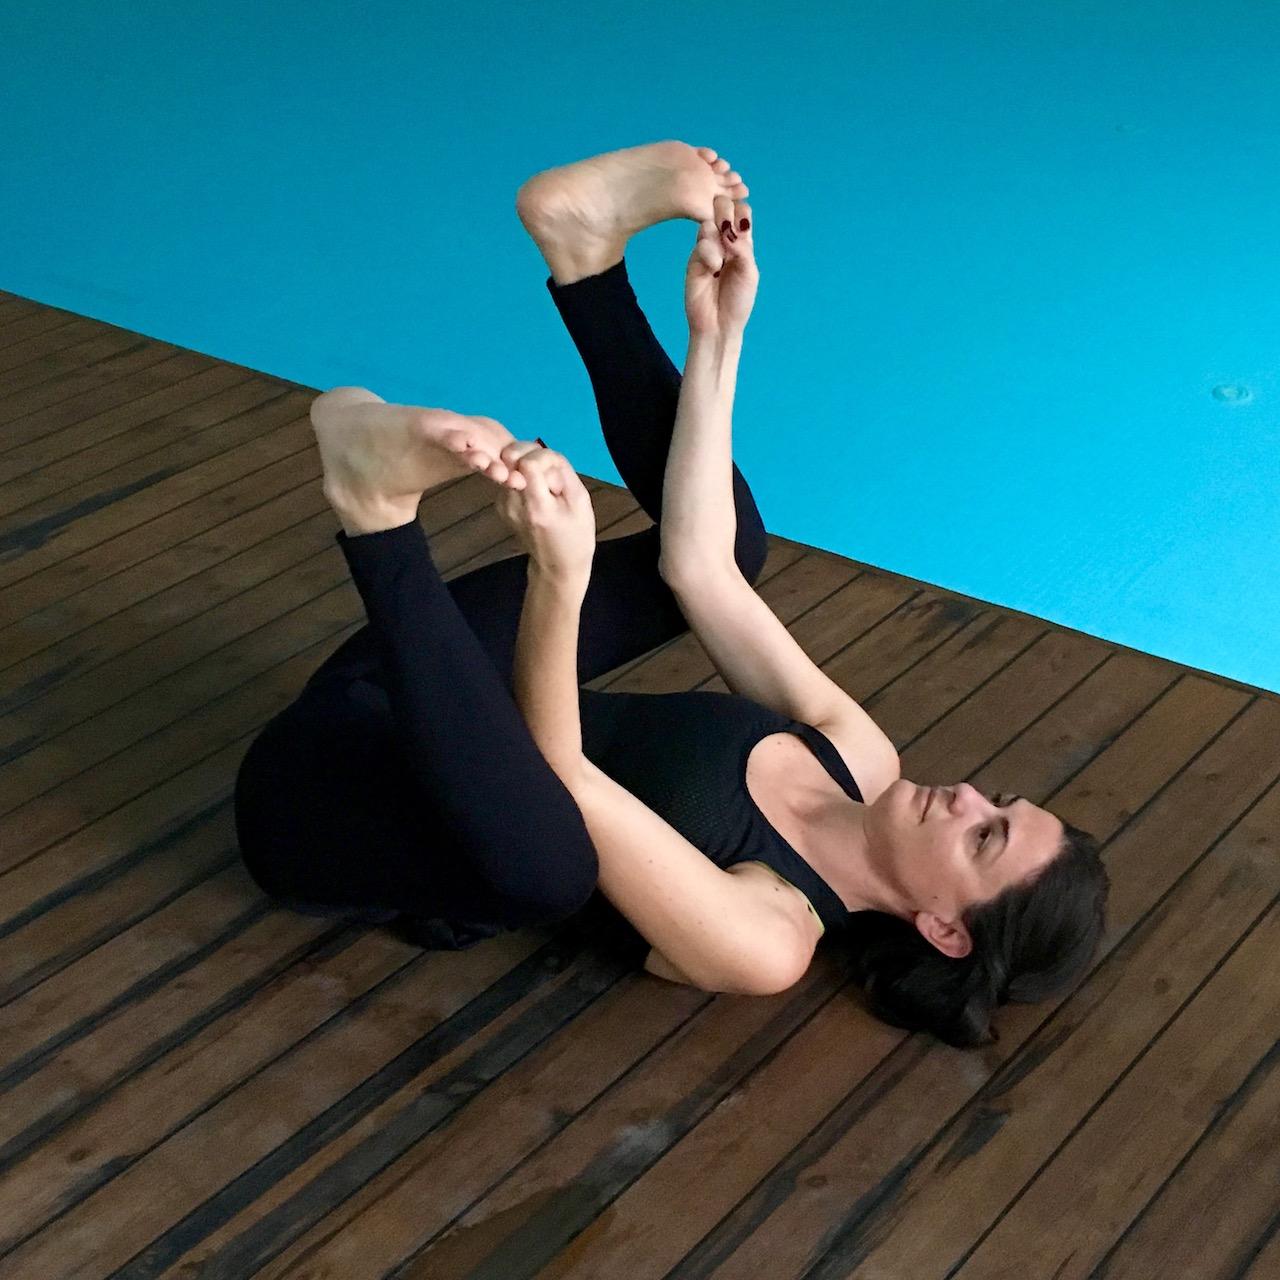 Mutlu çocuk duruşu yoga pozu